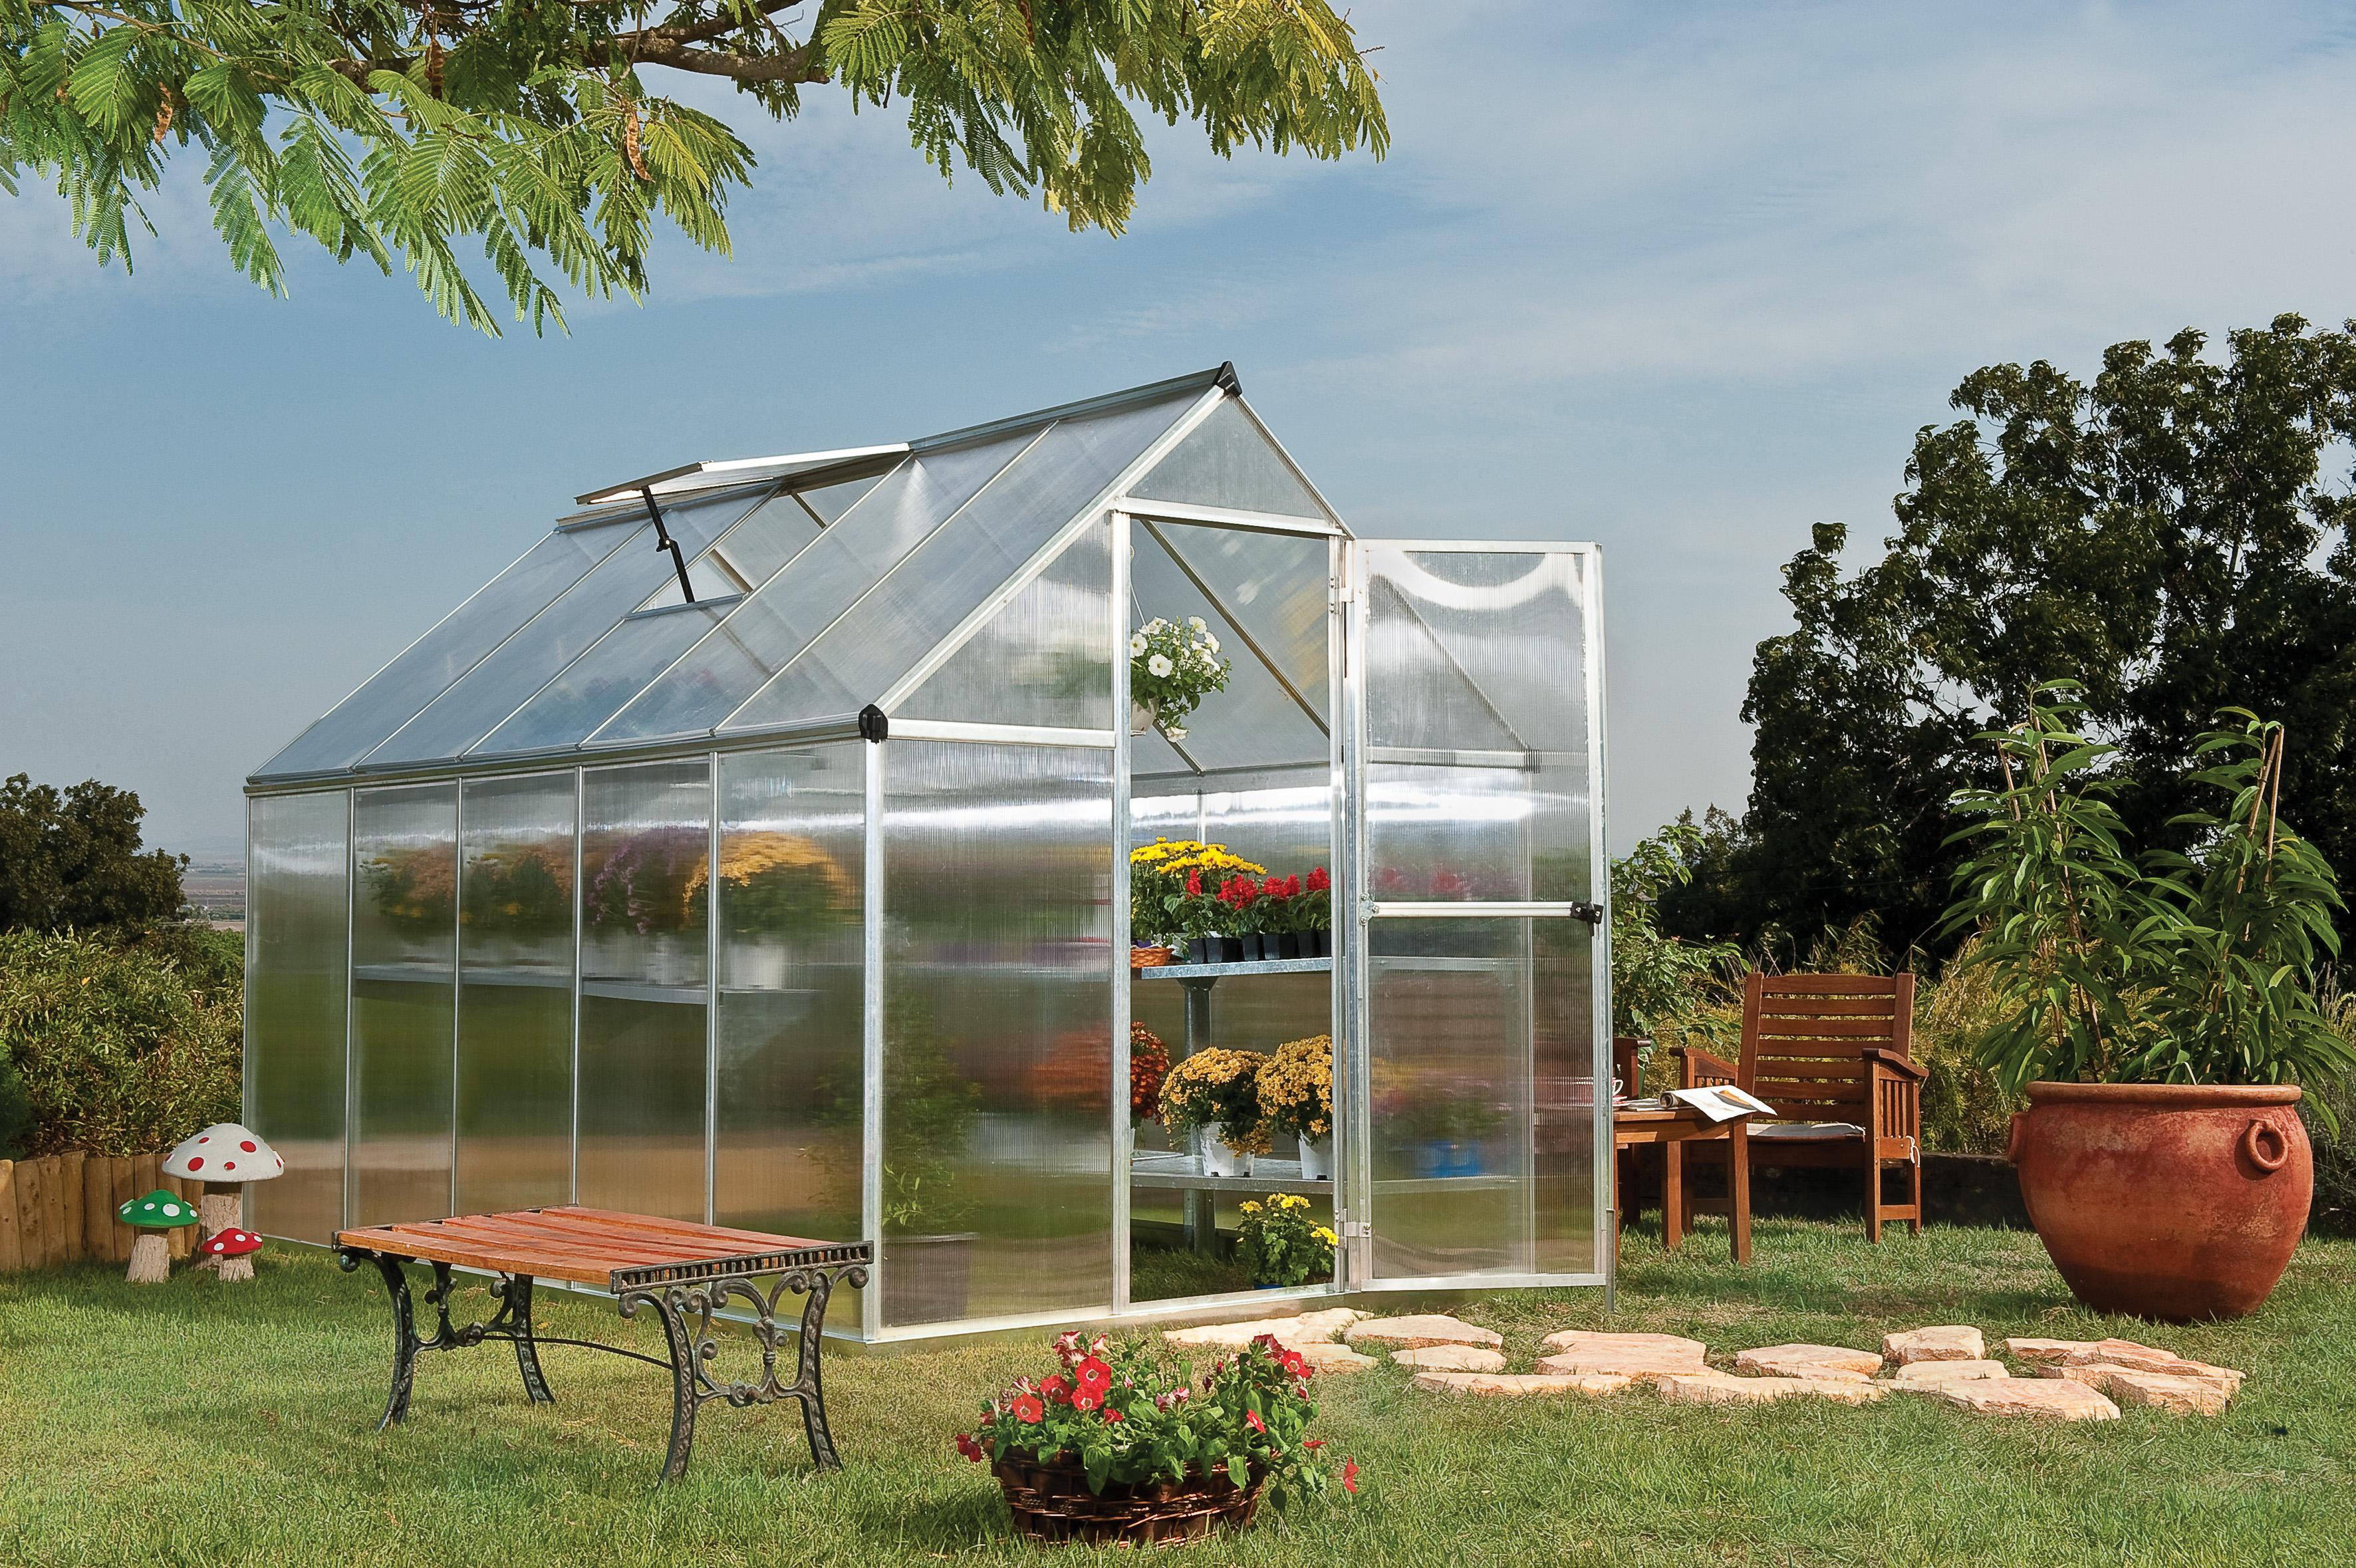 polykarbonátový skleník Palram multiline 6x10 + ZDARMA základna skleníku + ZDARMA strunová sekačka Fieldmann FZS 2000-E + hnojivo Biocin + prodloužená ZÁRUKA 10 LET